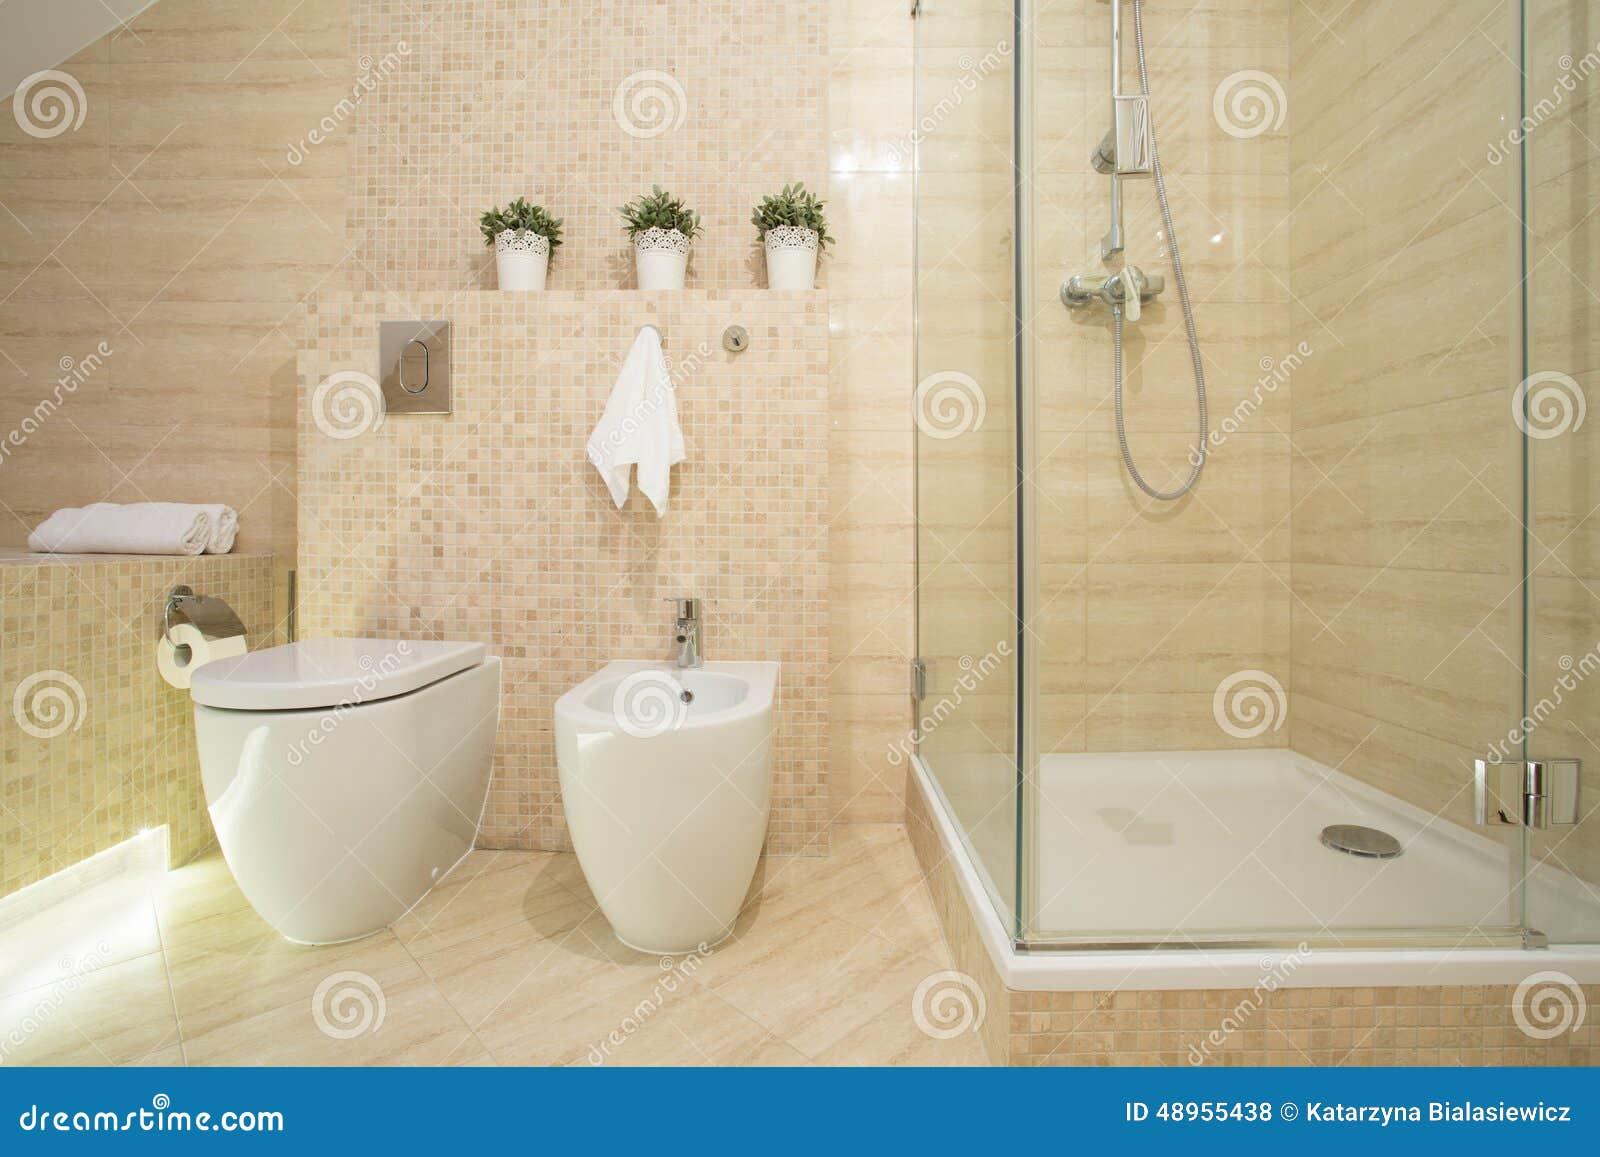 bidet toilet and shower stock photo image 48955438. Black Bedroom Furniture Sets. Home Design Ideas